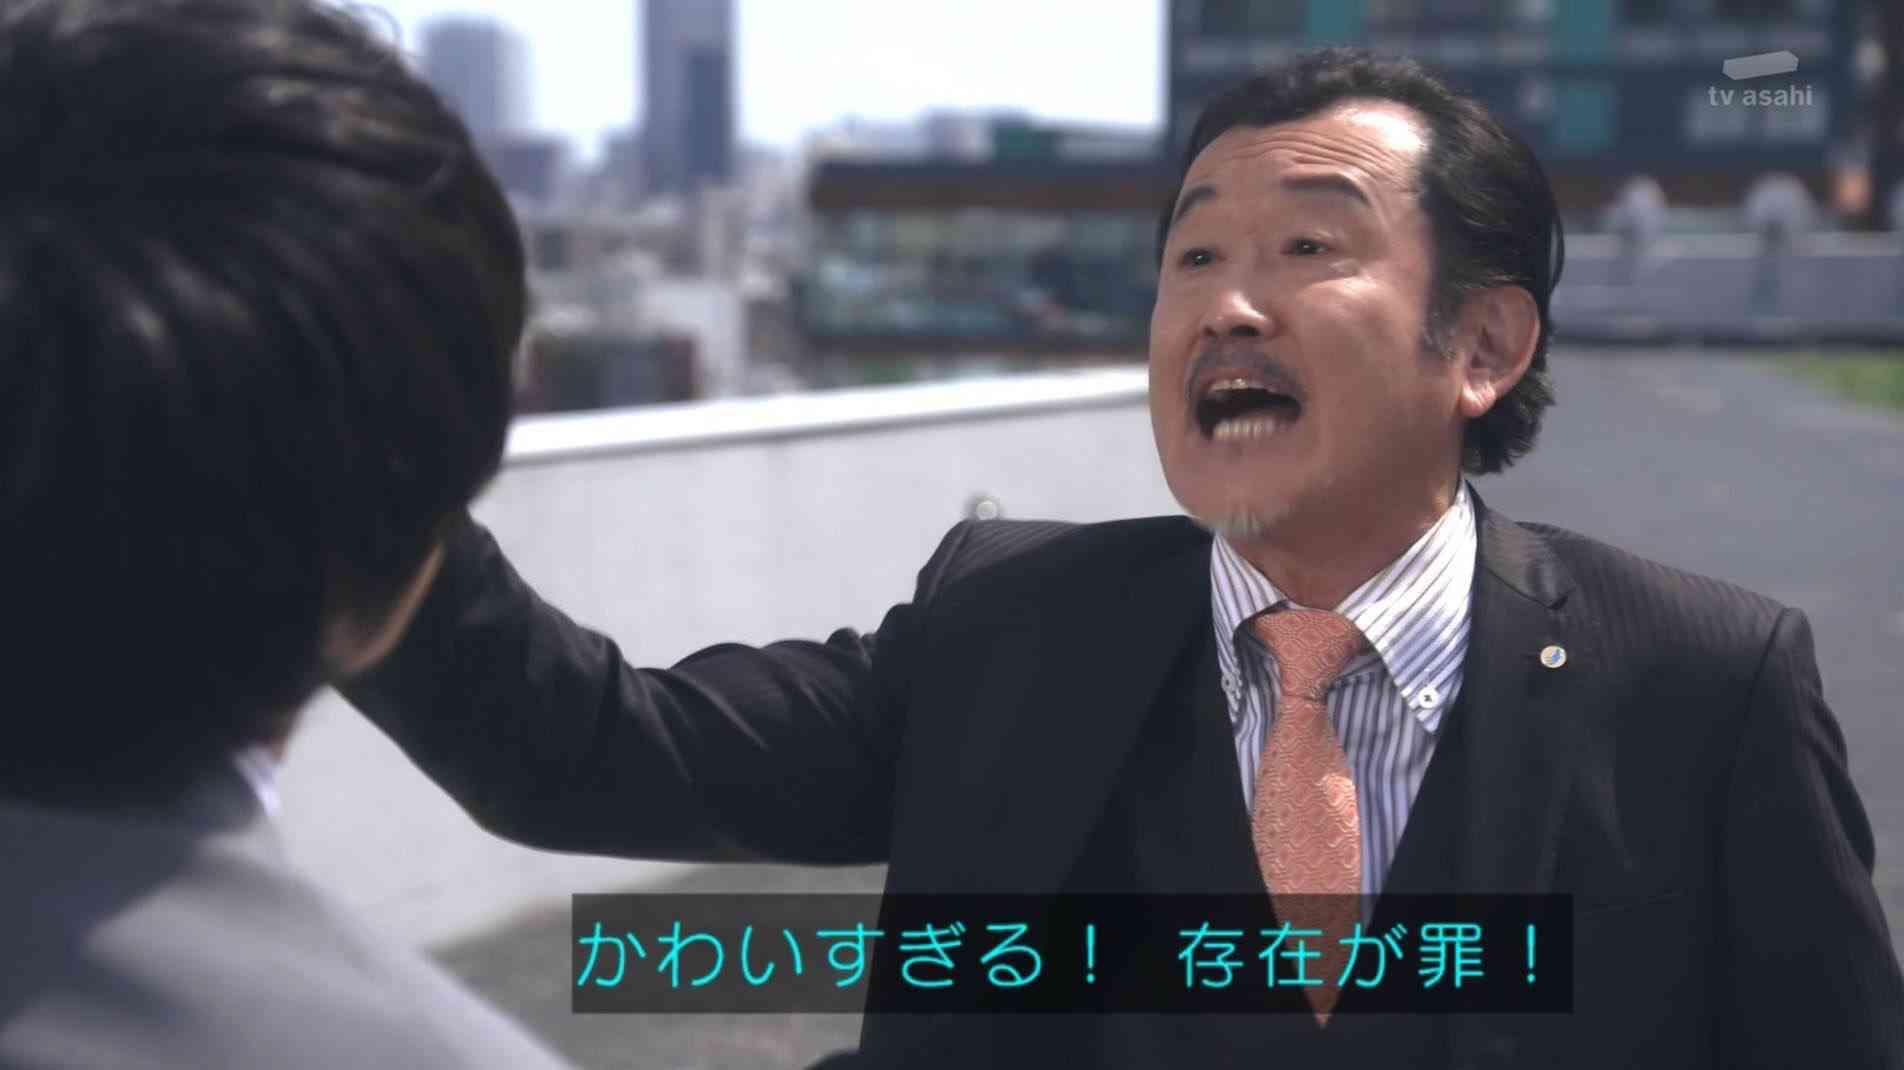 テレビ朝日のドラマ好きな人